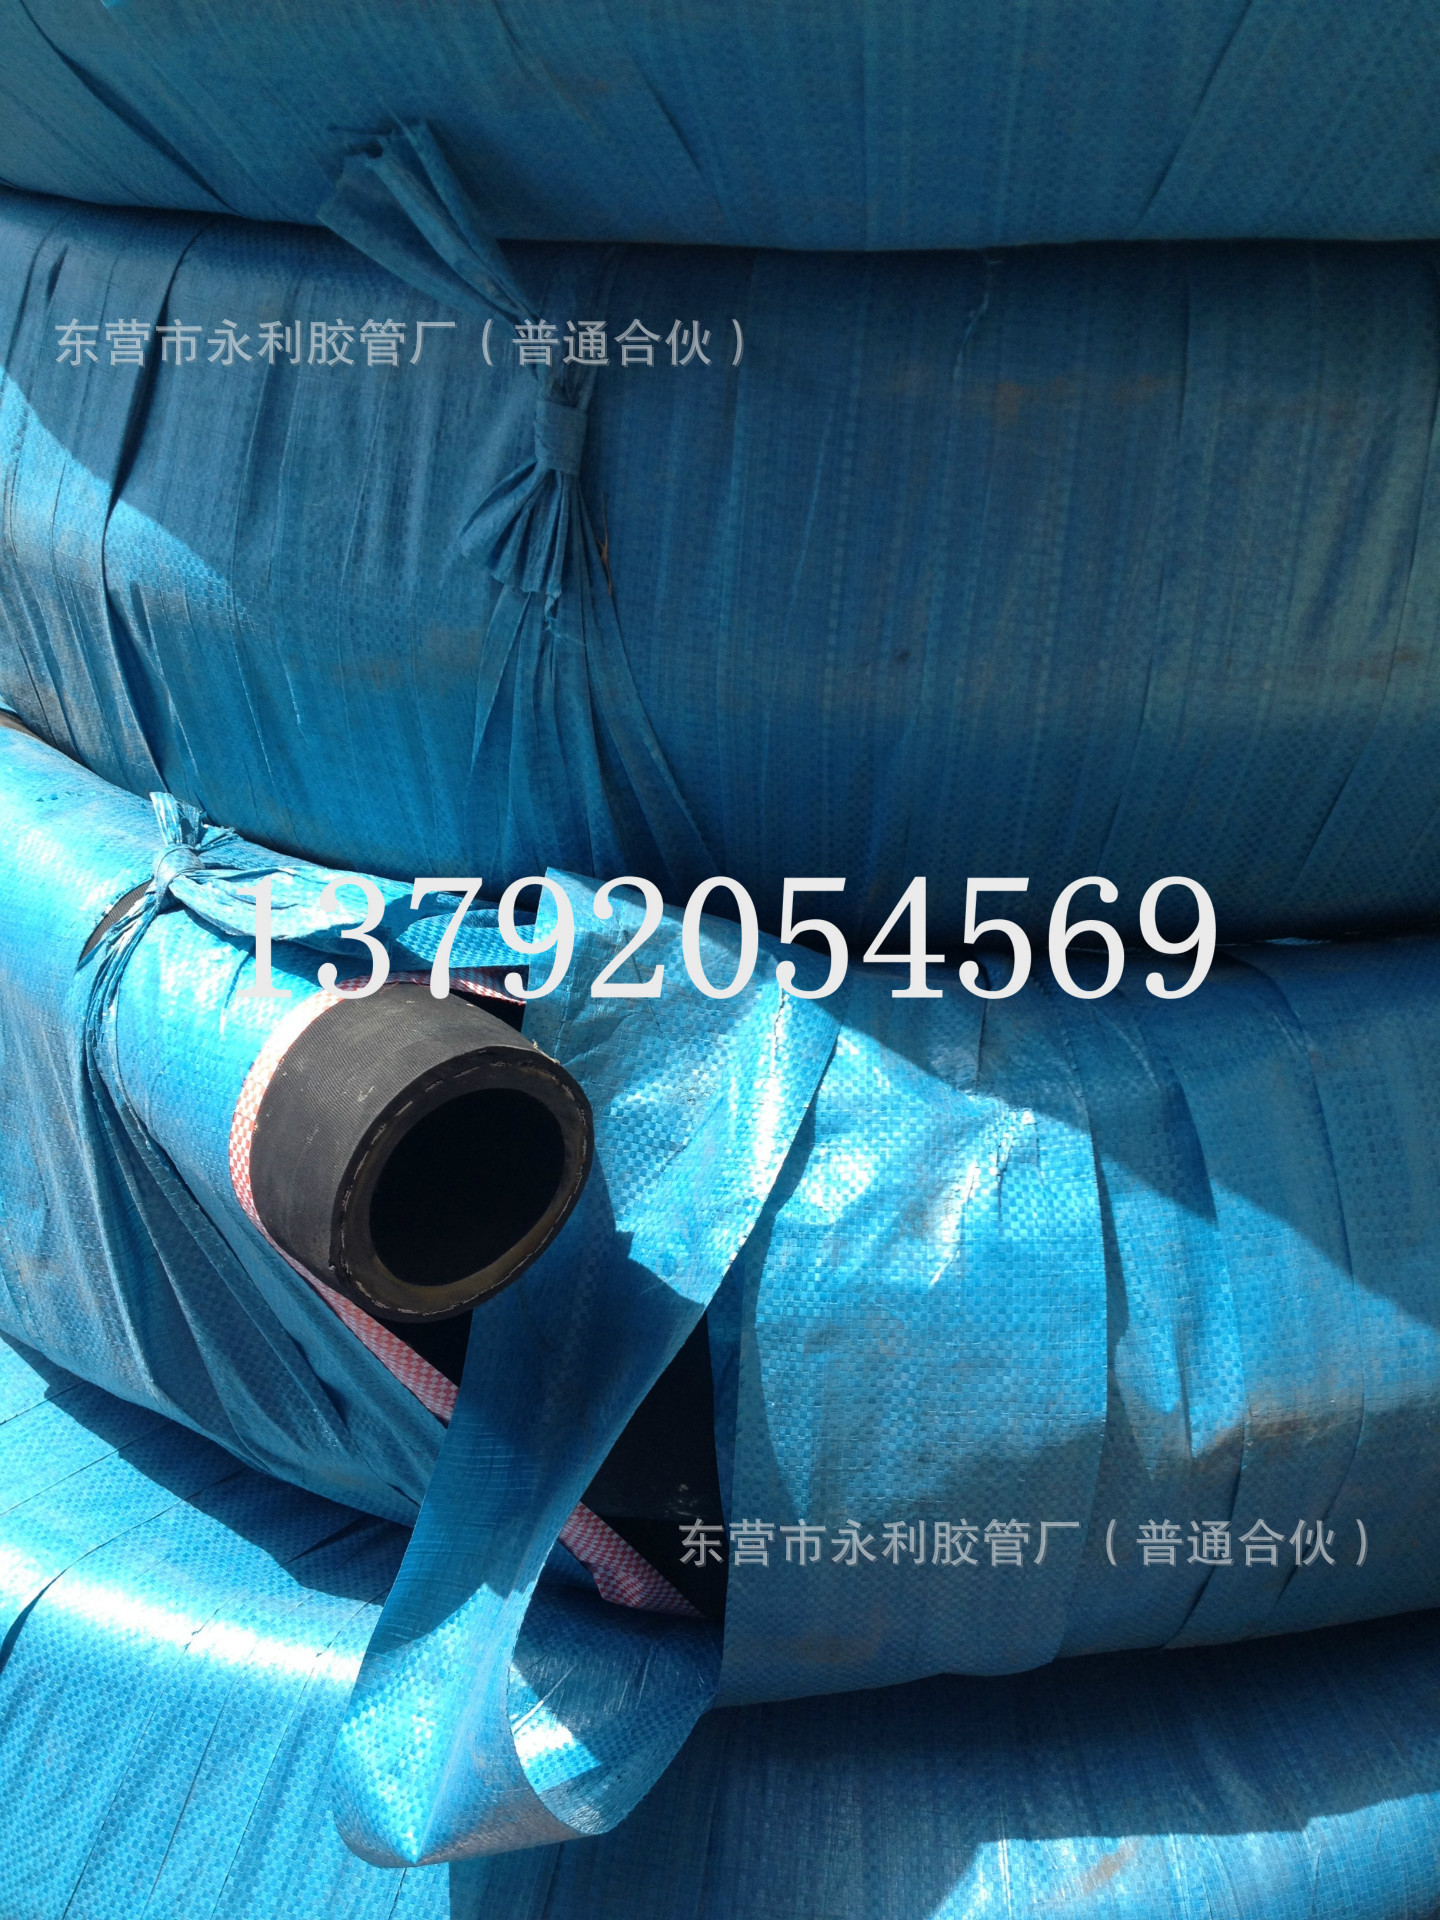 大量供应 32-51mm钢编喷砂管 耐磨喷浆胶管 耐磨耐压橡胶管